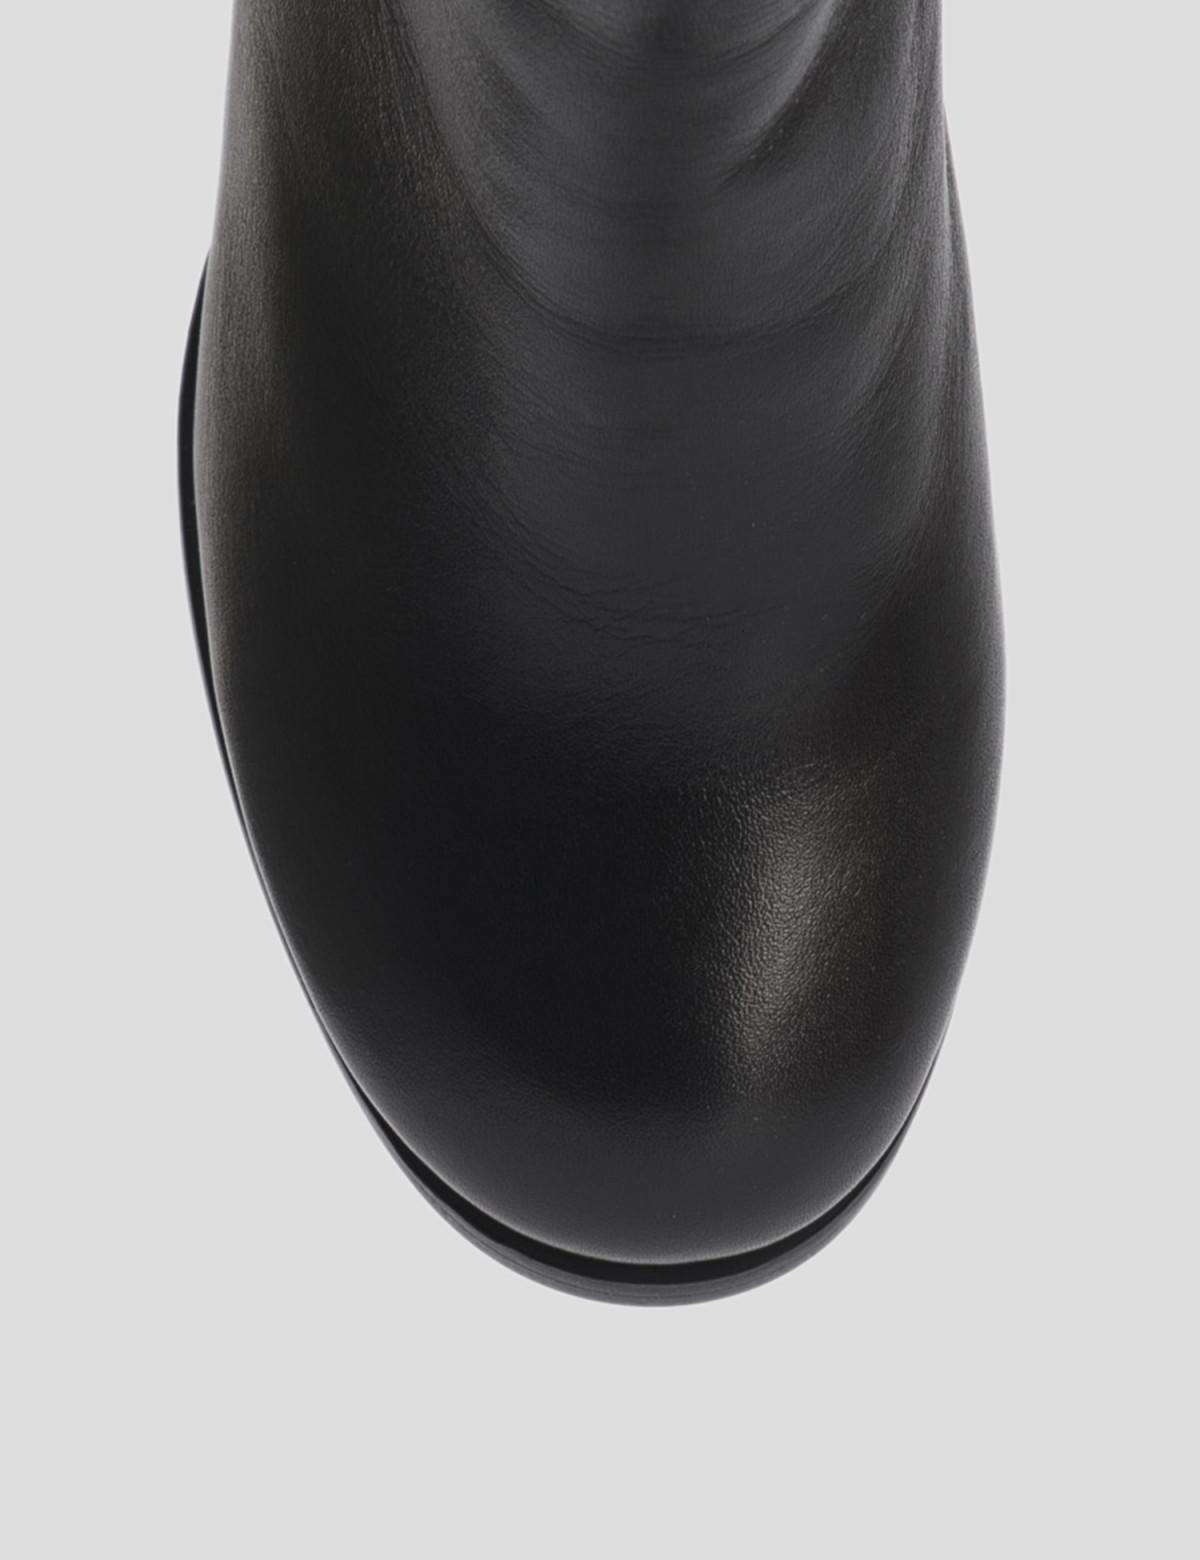 Ботильоны черные, натуральная кожа. Байка3